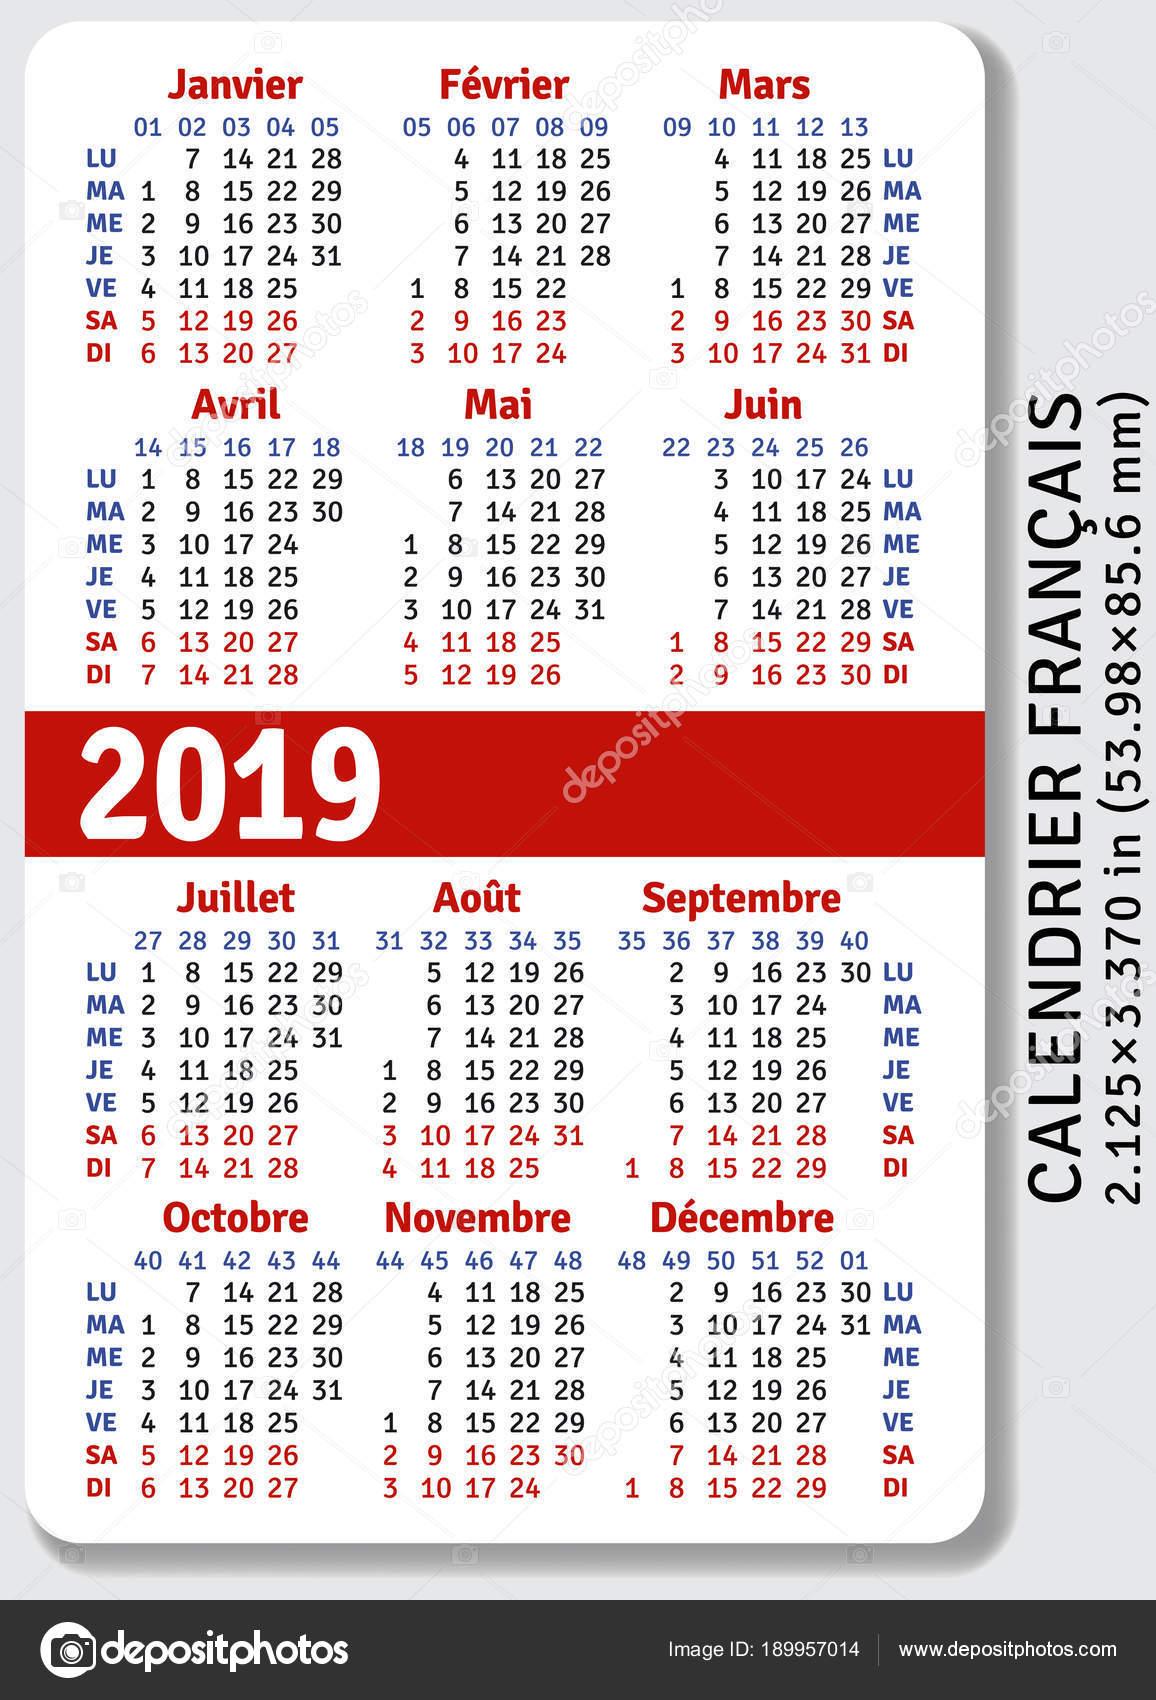 Calendrier Francais 2019.Calendrier De Poche Francais Pour 2019 Image Vectorielle